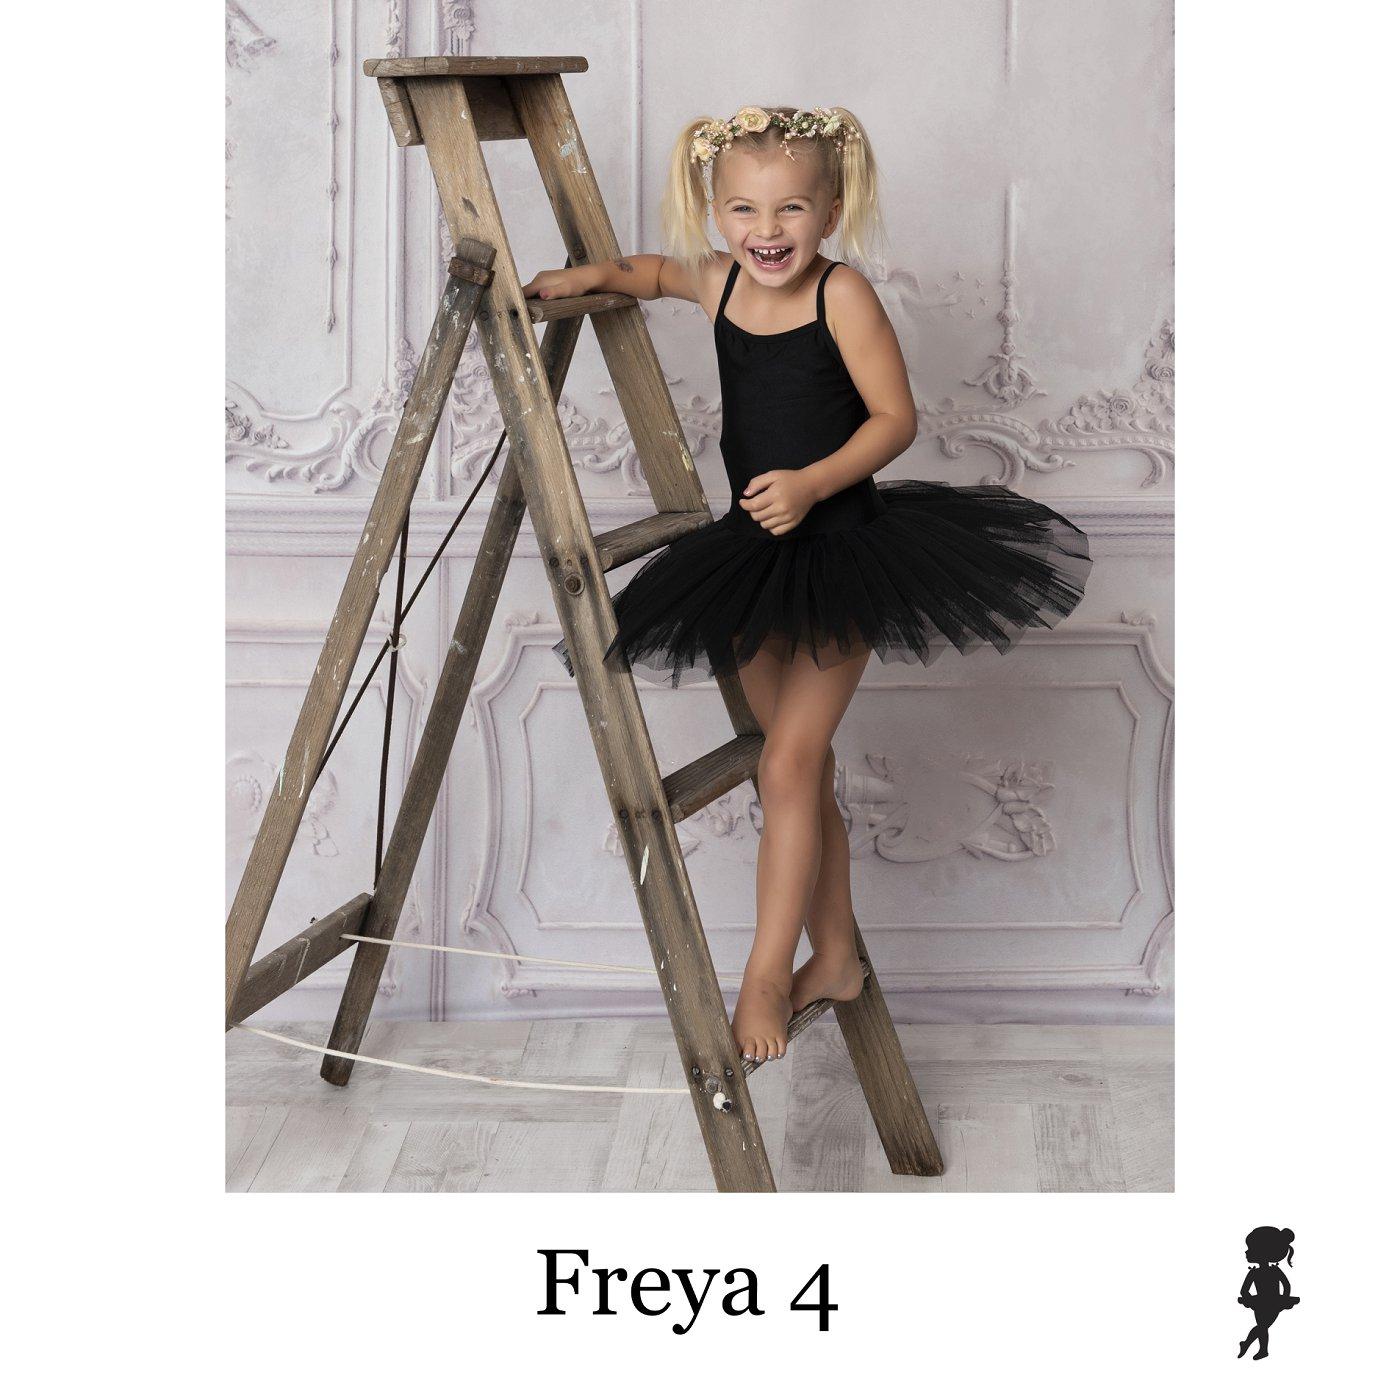 LB3419-Freya 4.jpg